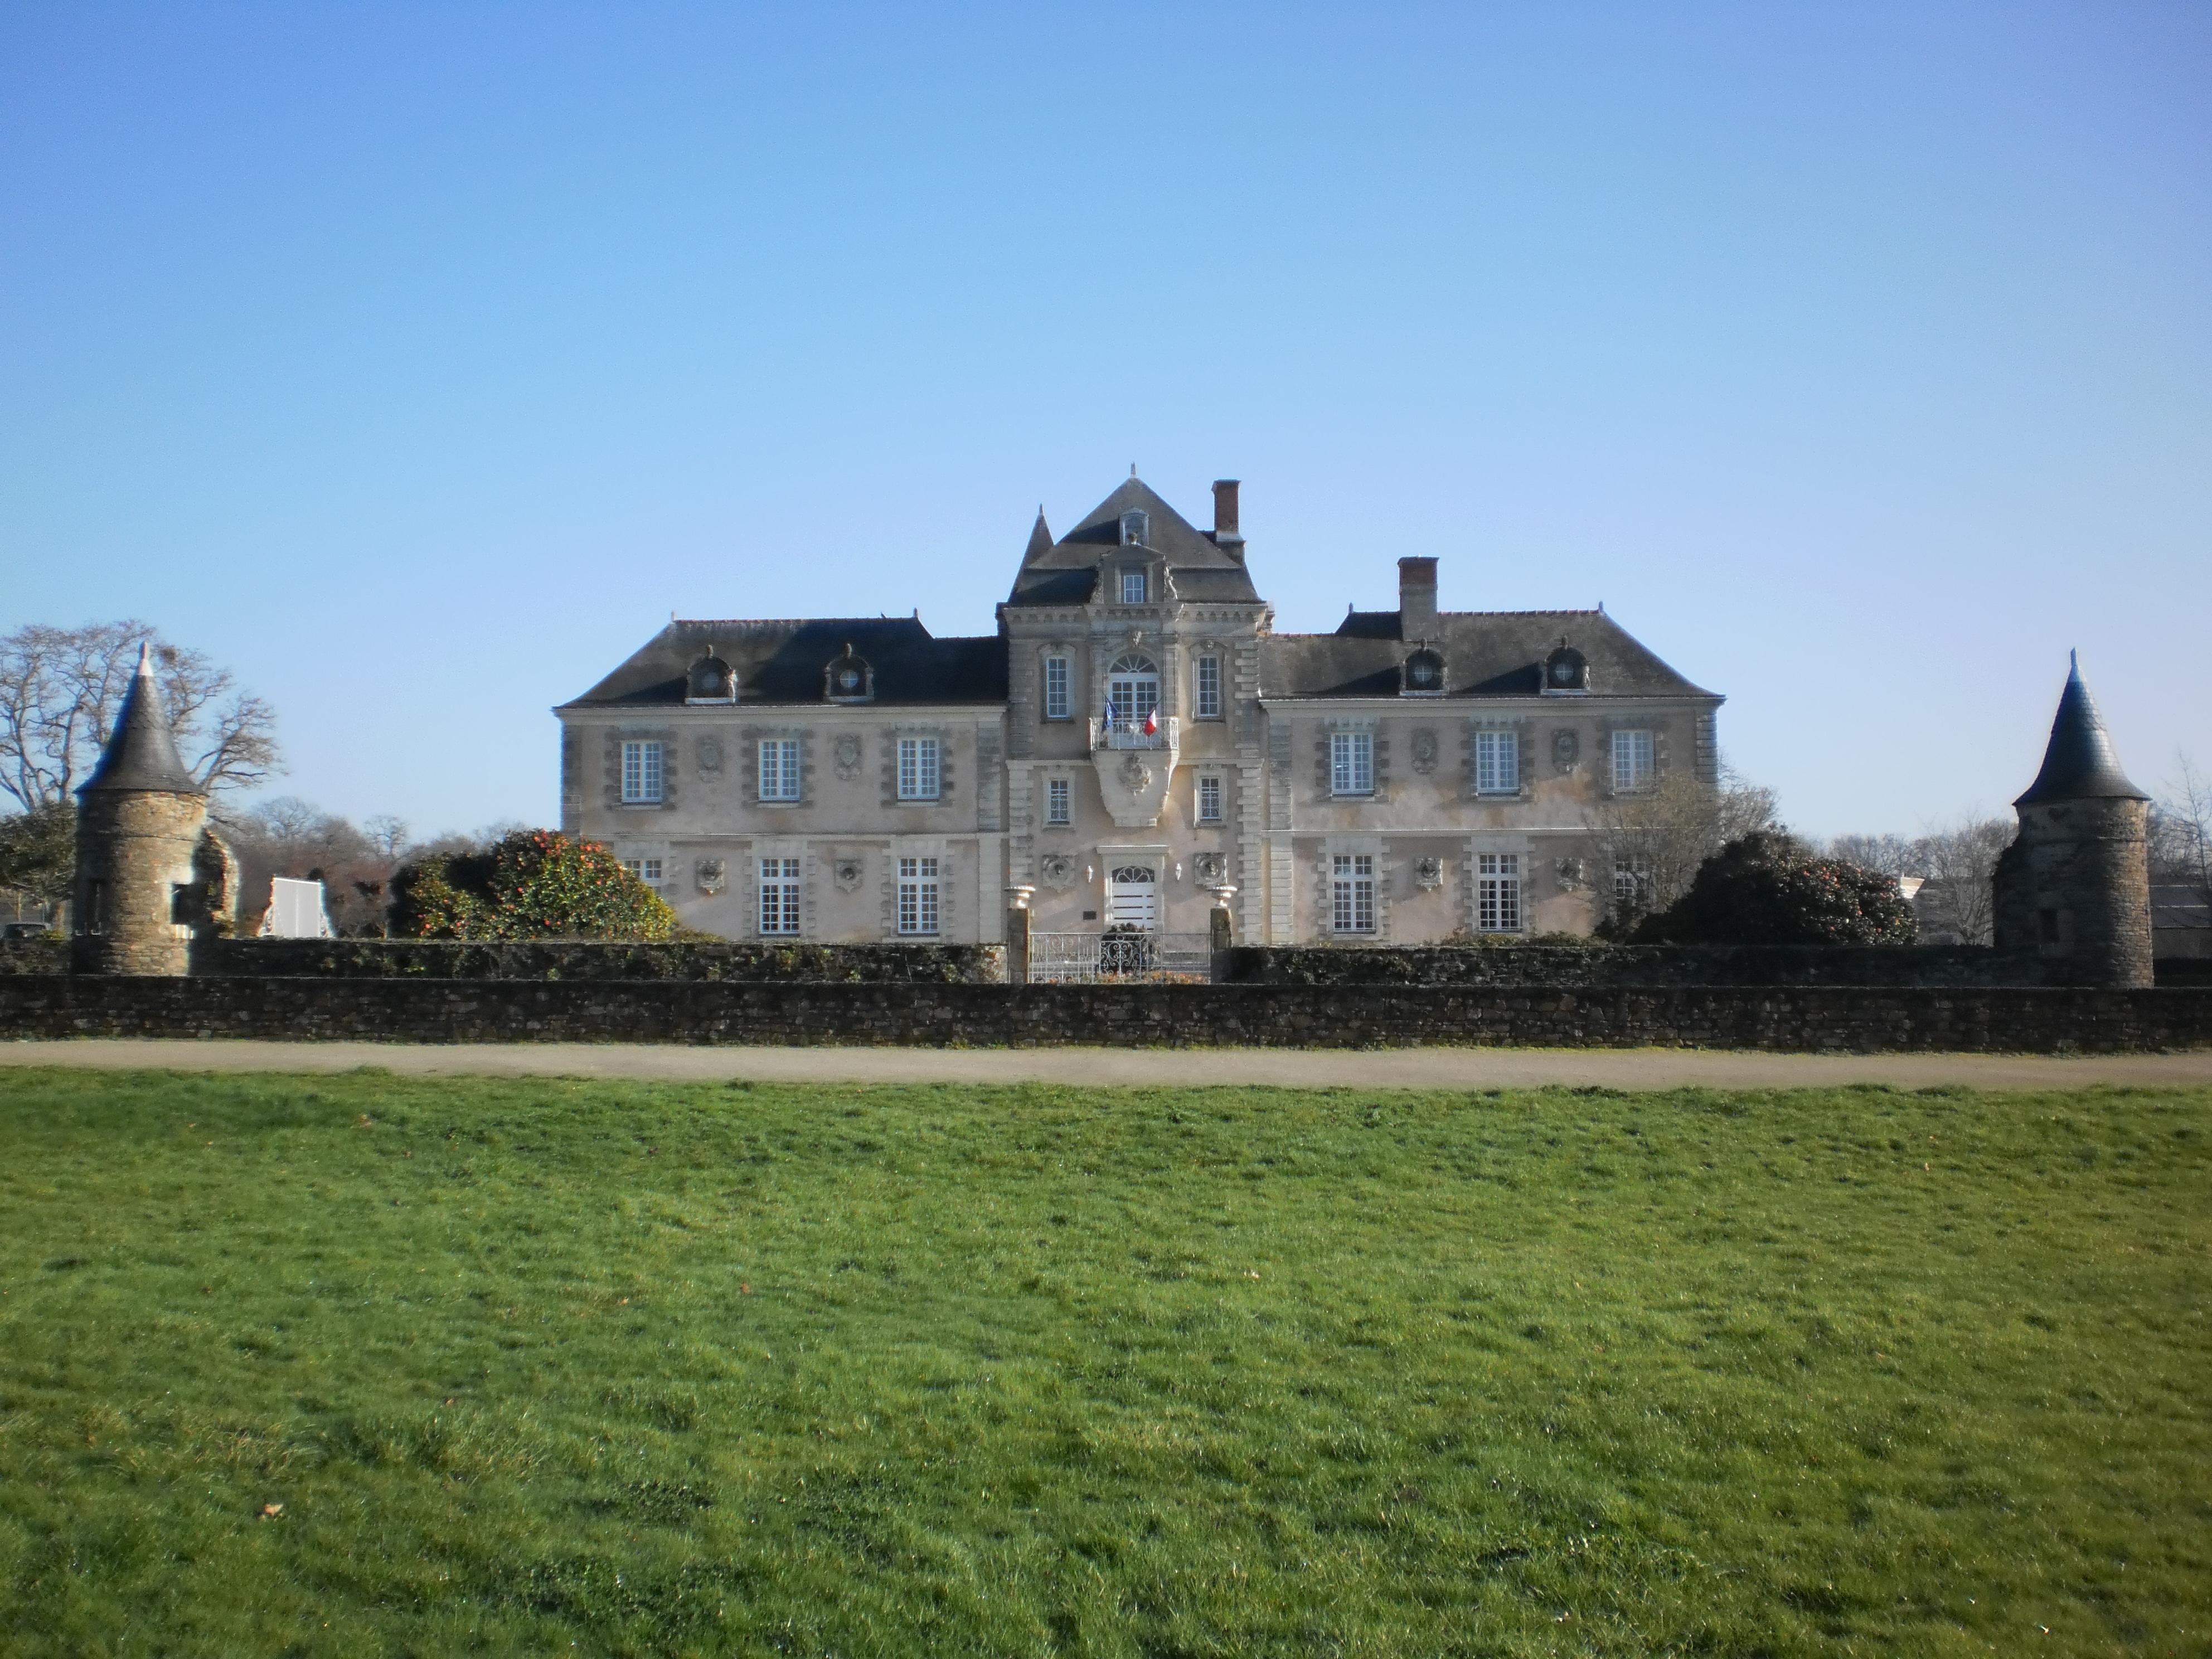 Sainte-Luce-sur-Loire France  City pictures : ... de Chassay 3 Sainte Luce sur Loire Wikimedia Commons